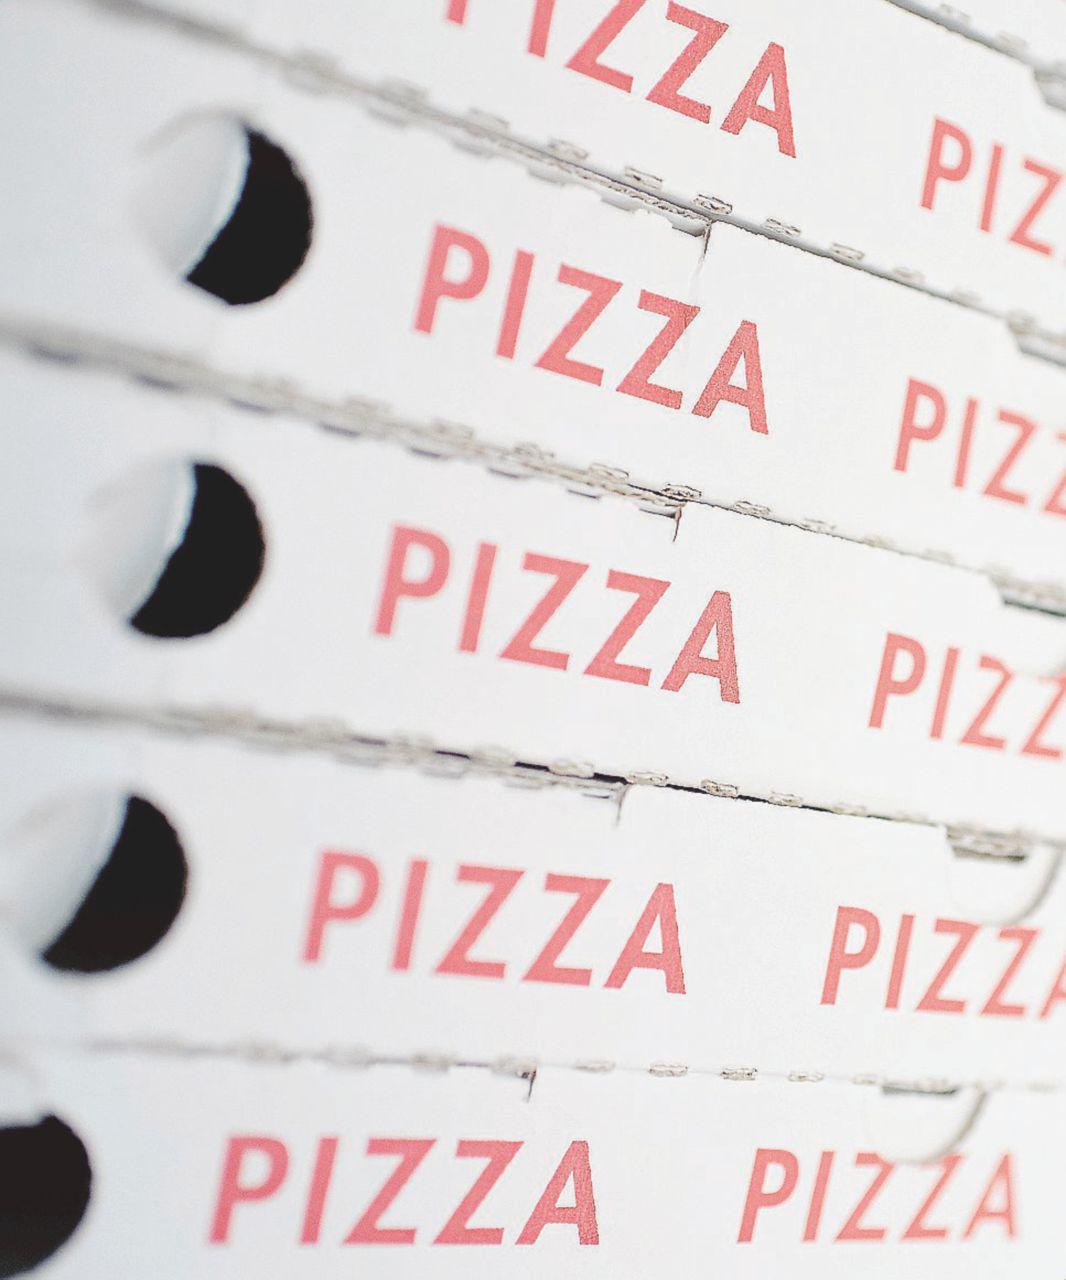 Pizza, la sorpresa tossica nascosta dentro il cartone